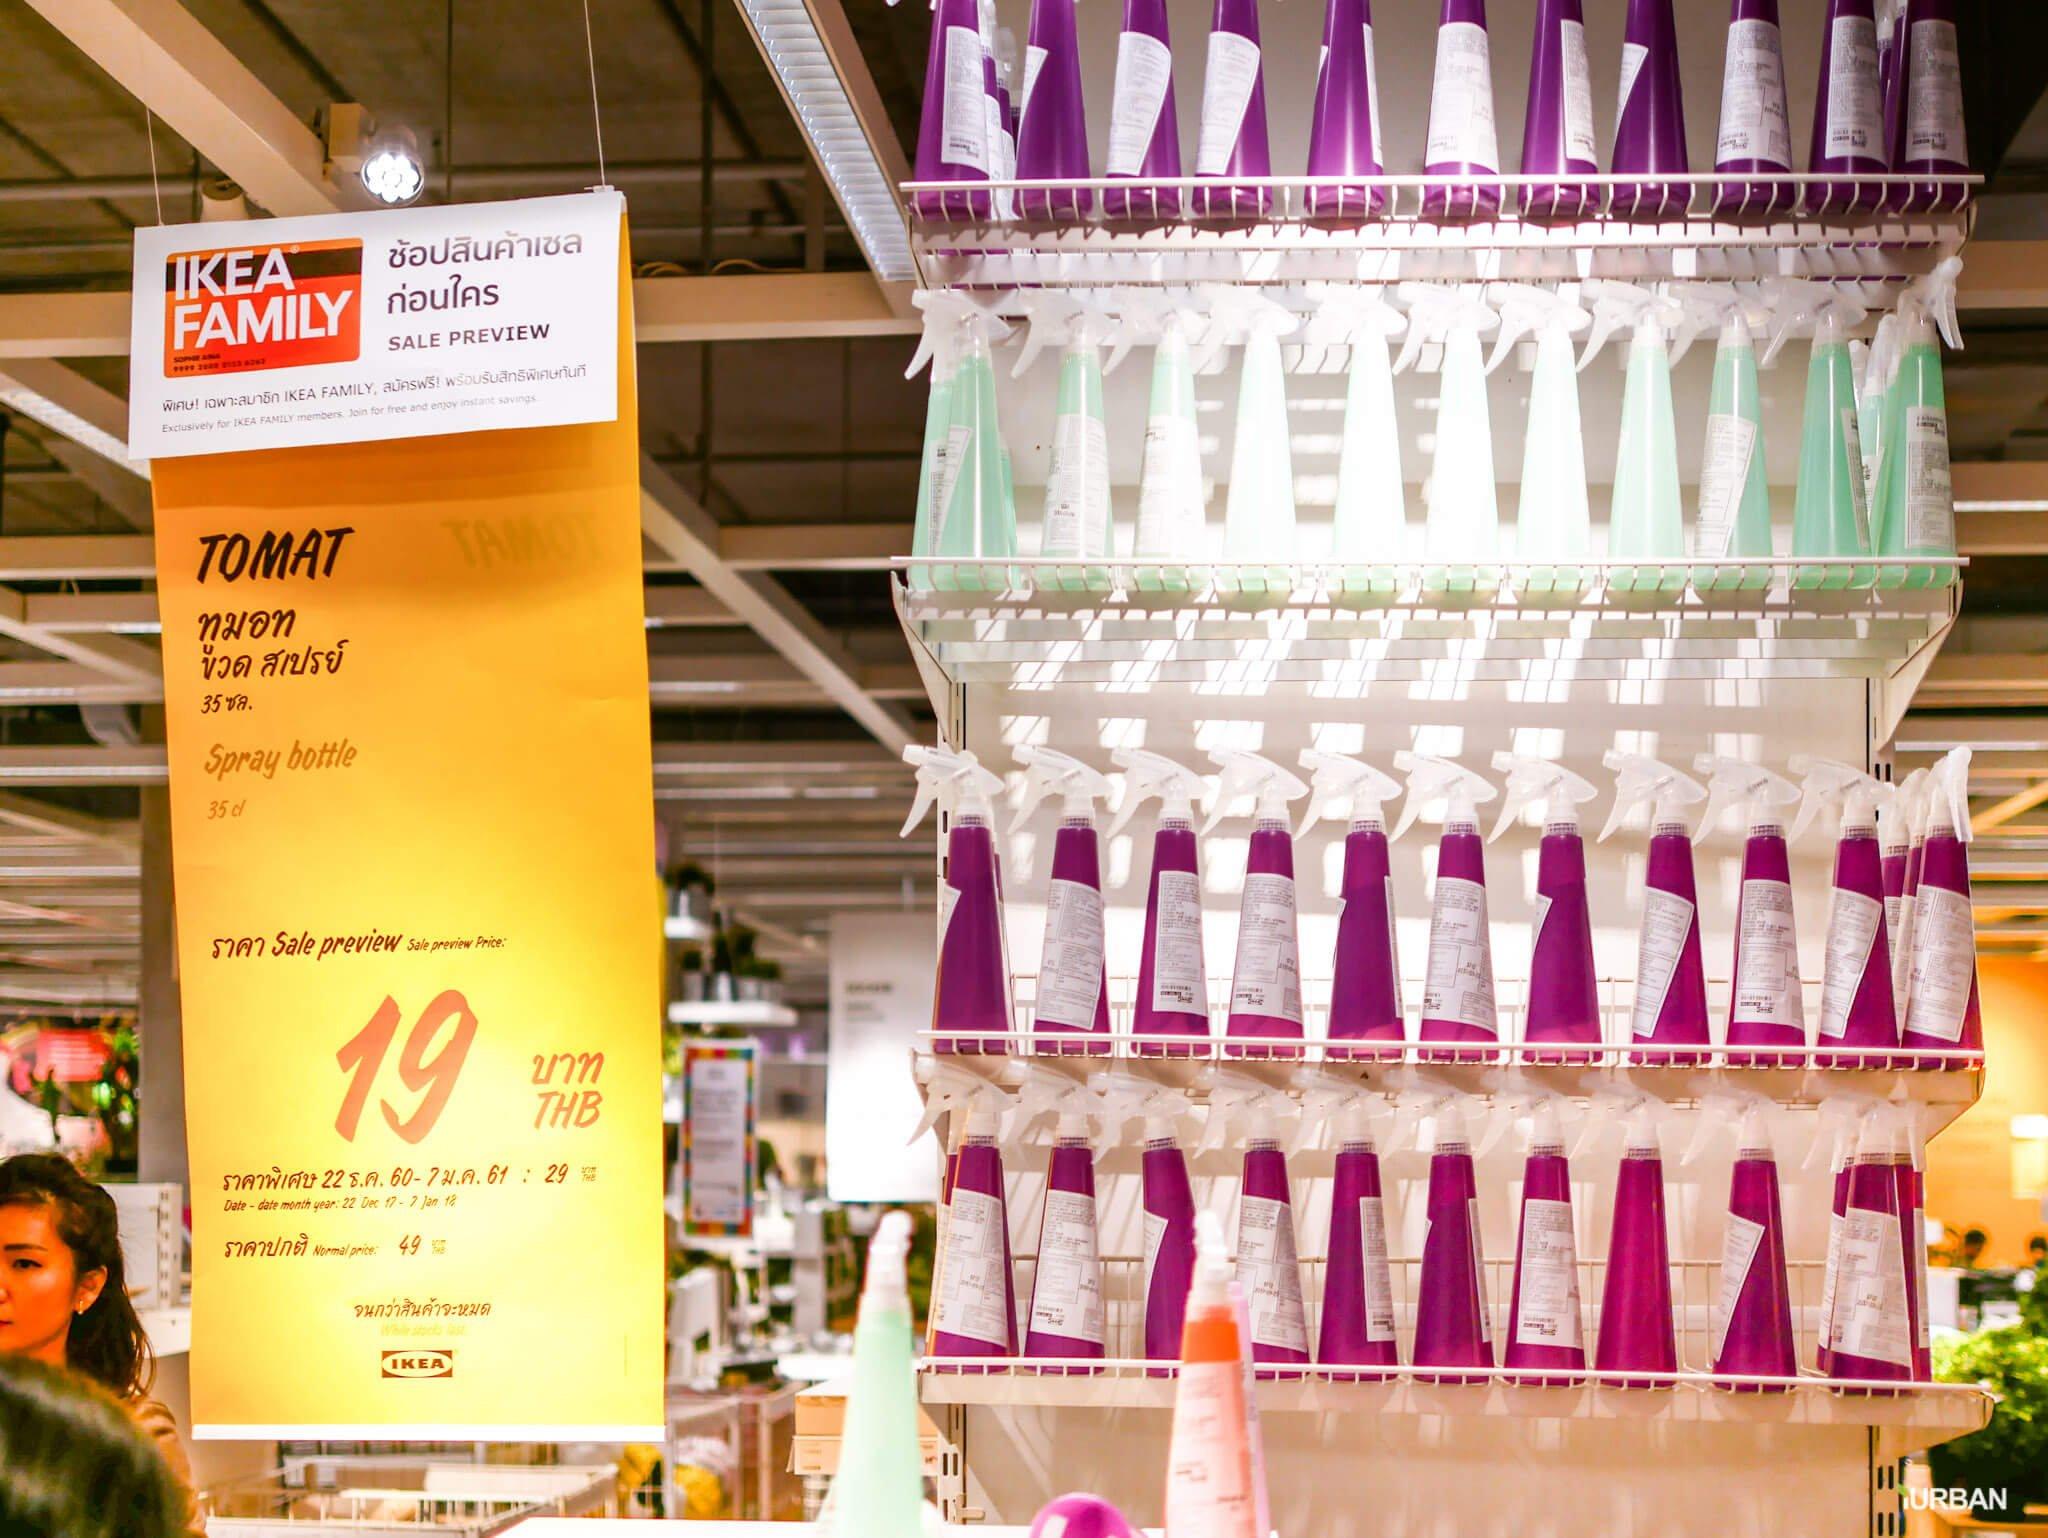 มันเยอะมากกกก!! IKEA Year End SALE 2017 รวมของเซลในอิเกีย ลดเยอะ ลดแหลก รีบพุ่งตัวไป วันนี้ - 7 มกราคม 61 196 - IKEA (อิเกีย)